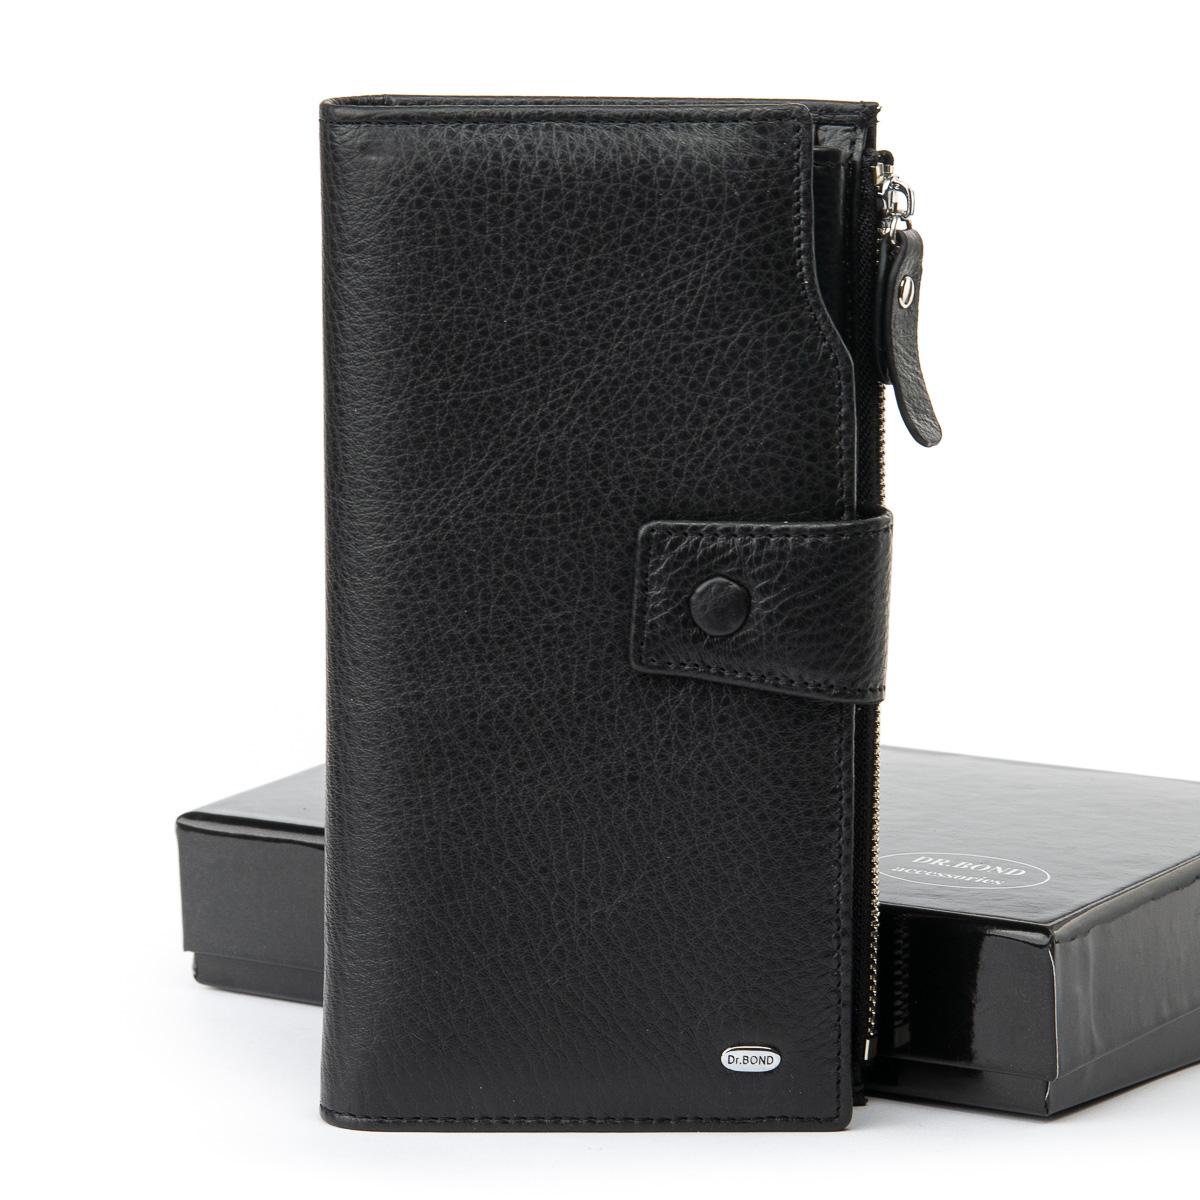 Отличный мужской клатч «Dr.Bond» из мягкой натуральной кожи чёрного цвета купить. Цена 995 грн